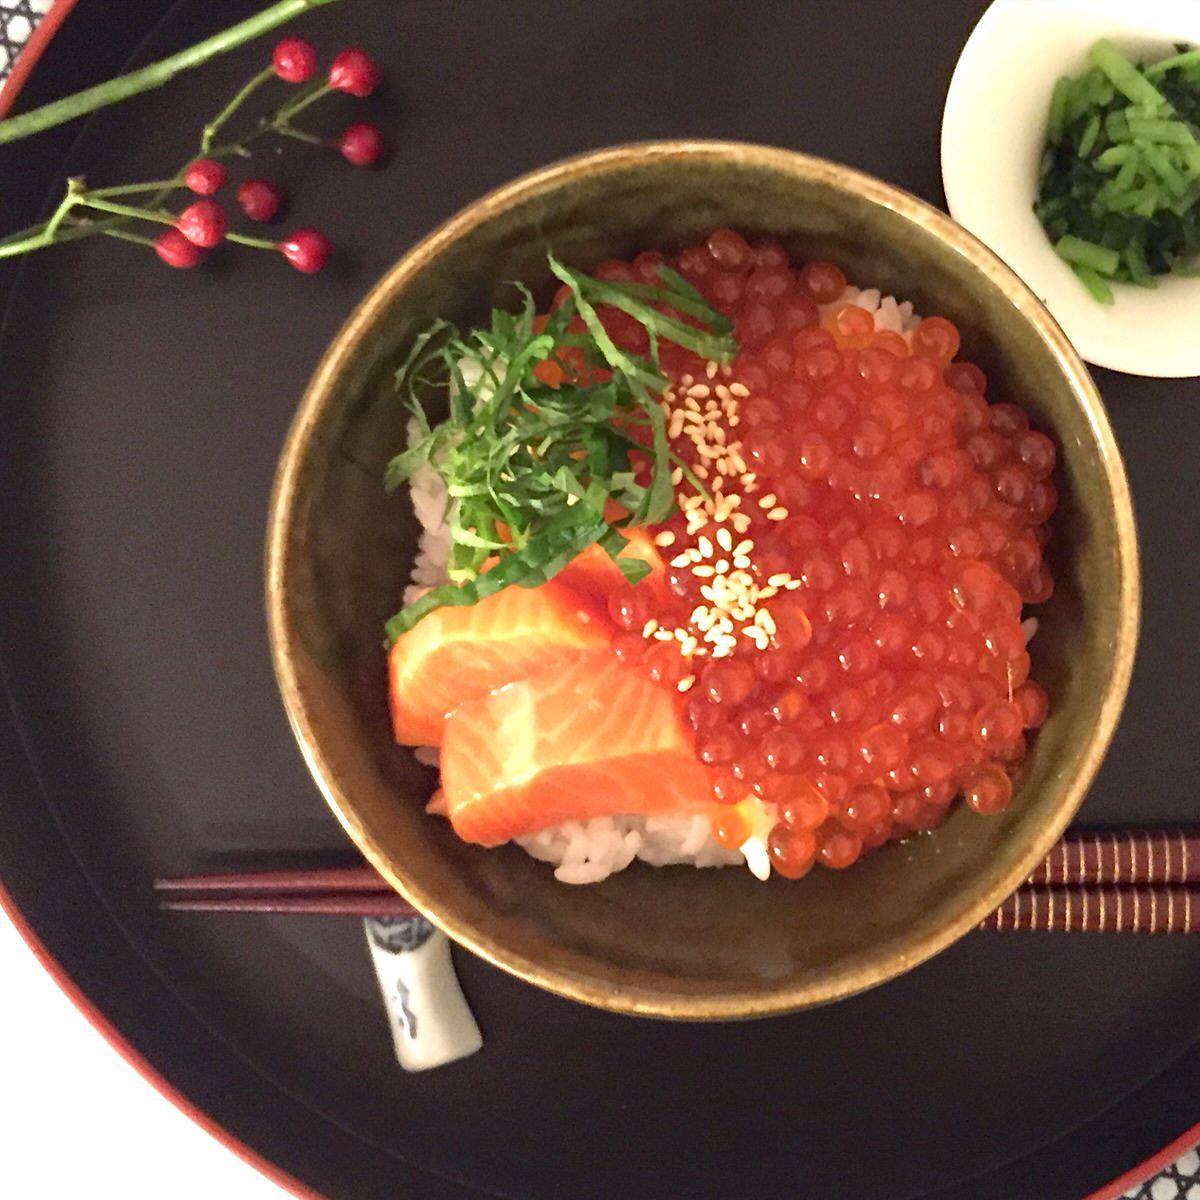 「イクラ醤油漬け」の作り方。北海道の主婦が、失敗から学びながら完成させたテッパンレシピです。